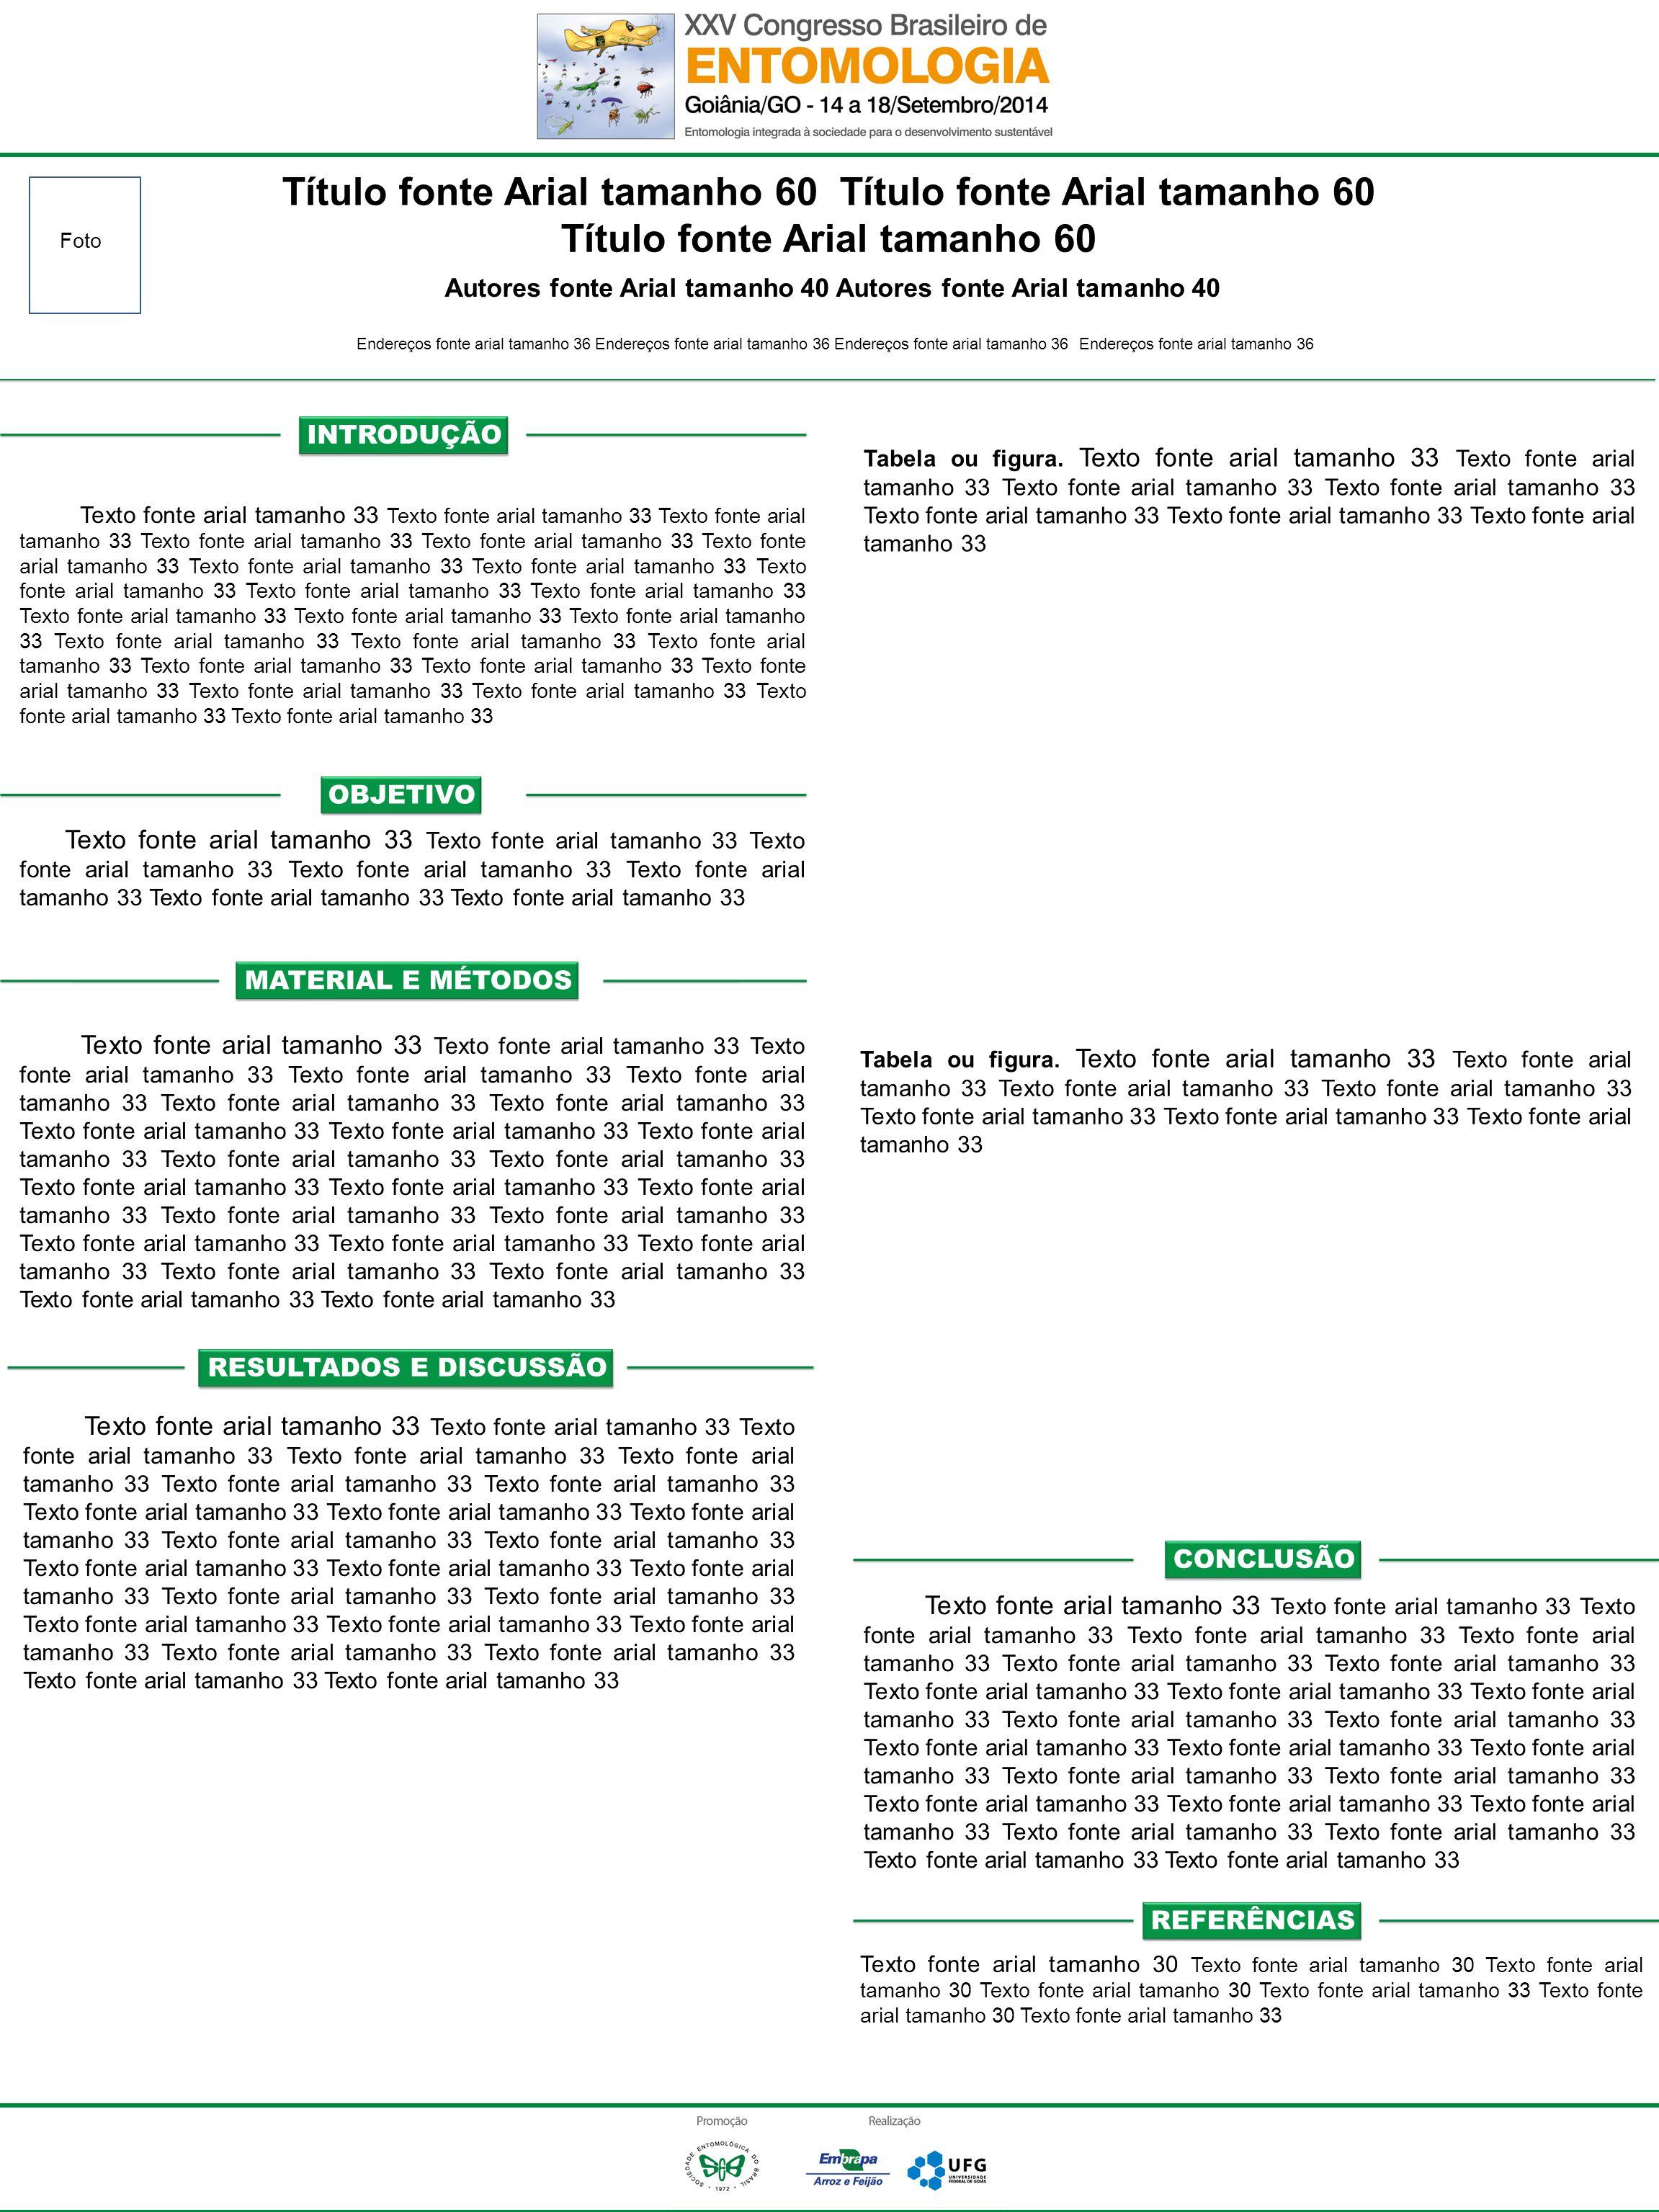 Título fonte Arial tamanho 60 Autores fonte Arial tamanho 40 Endereços fonte arial tamanho 36 Endereços fonte arial tamanho 36 Texto fonte arial tamanho 33 Texto fonte arial tamanho 33 Texto fonte arial tamanho 33 Texto fonte arial tamanho 33 Texto fonte arial tamanho 33 Texto fonte arial tamanho 33 Texto fonte arial tamanho 33 Texto fonte arial tamanho 33 Texto fonte arial tamanho 33 Texto fonte arial tamanho 33 Texto fonte arial tamanho 33 Texto fonte arial tamanho 33 Texto fonte arial tamanho 33 Texto fonte arial tamanho 33 Texto fonte arial tamanho 33 Texto fonte arial tamanho 33 Texto fonte arial tamanho 33 Texto fonte arial tamanho 33 Texto fonte arial tamanho 33 Texto fonte arial tamanho 33 Texto fonte arial tamanho 33 Texto fonte arial tamanho 33 Texto fonte arial tamanho 33 Texto fonte arial tamanho 33 Texto fonte arial tamanho 33 Texto fonte arial tamanho 33 Texto fonte arial tamanho 33 Texto fonte arial tamanho 33 Texto fonte arial tamanho 33 Texto fonte arial tamanho 33 Texto fonte arial tamanho 33 Texto fonte arial tamanho 33 Texto fonte arial tamanho 33 Texto fonte arial tamanho 33 Texto fonte arial tamanho 33 Texto fonte arial tamanho 33 Texto fonte arial tamanho 33 Texto fonte arial tamanho 33 Texto fonte arial tamanho 33 Texto fonte arial tamanho 33 Texto fonte arial tamanho 33 Texto fonte arial tamanho 33 Texto fonte arial tamanho 33 Texto fonte arial tamanho 33 Texto fonte arial tamanho 33 Texto fonte arial tamanho 33 Texto fonte arial tamanho 33 Texto fonte arial tamanho 33 Texto fonte arial tamanho 33 Texto fonte arial tamanho 33 Texto fonte arial tamanho 33 Texto fonte arial tamanho 33 Texto fonte arial tamanho 33 Texto fonte arial tamanho 33 Texto fonte arial tamanho 33 Tabela ou figura.